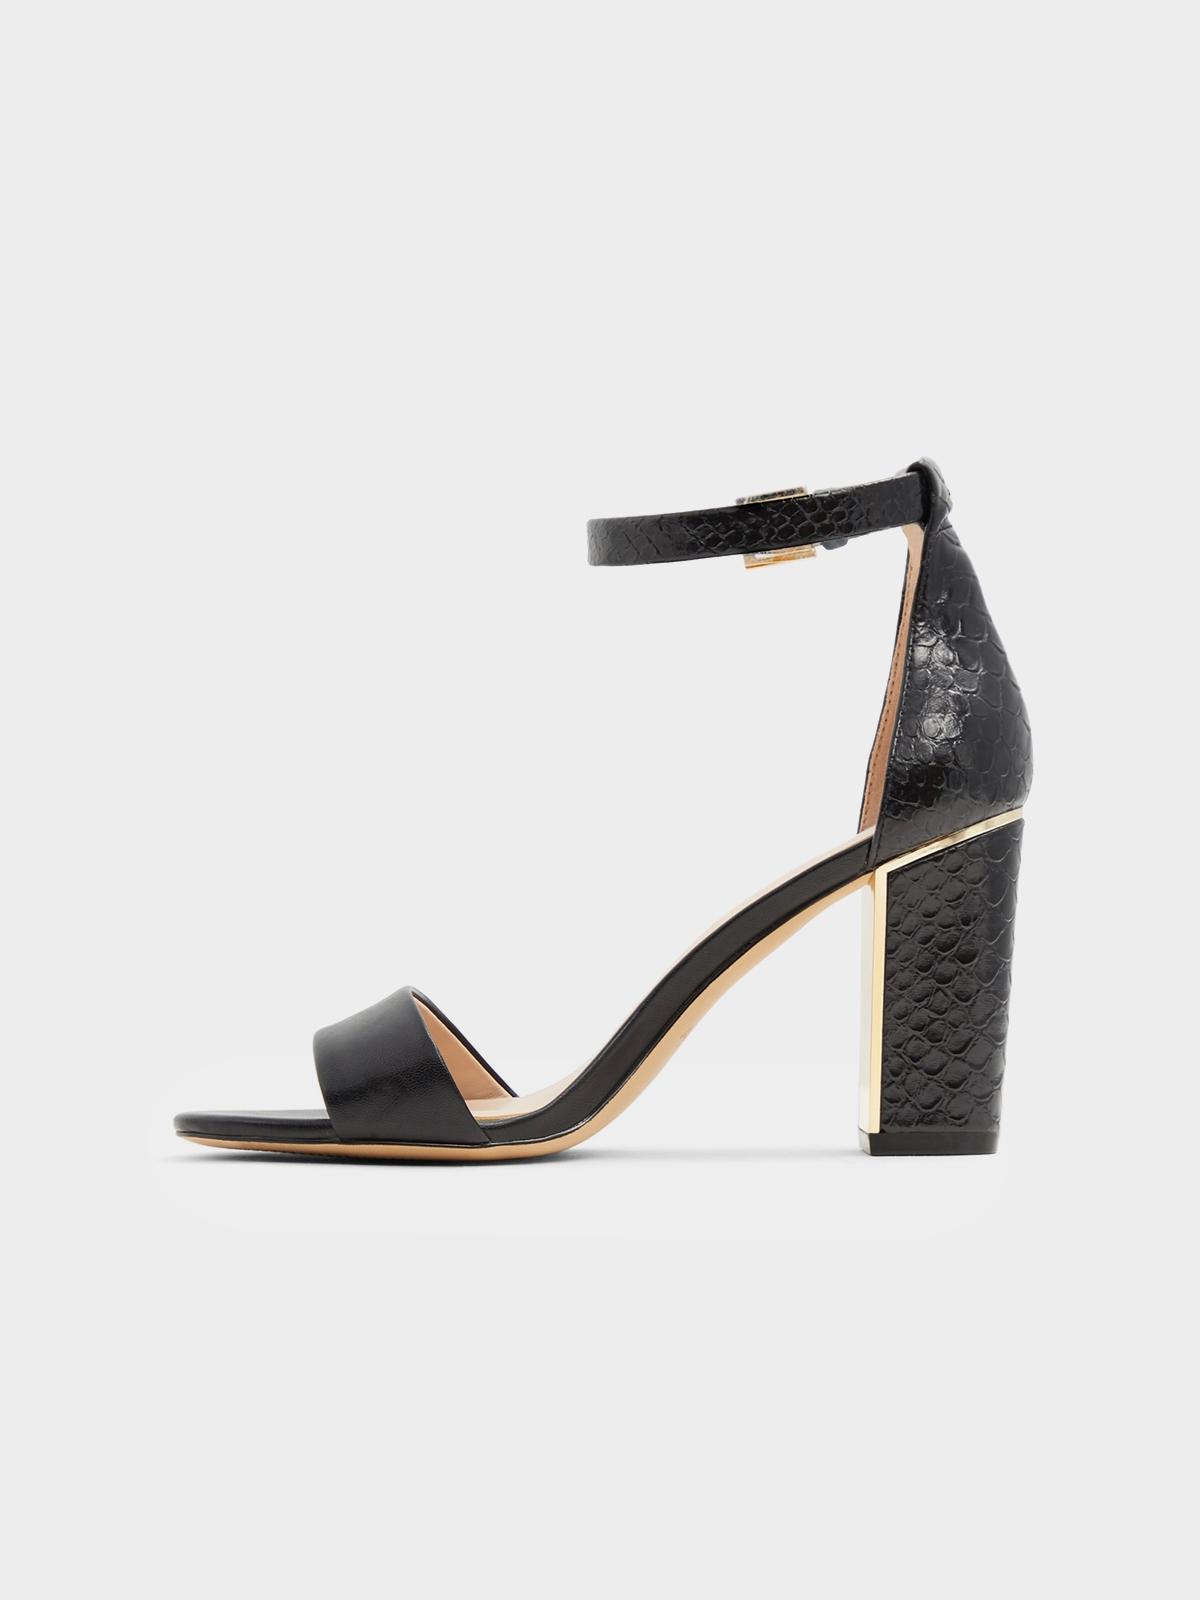 Aldo Gradifolia Heels Black